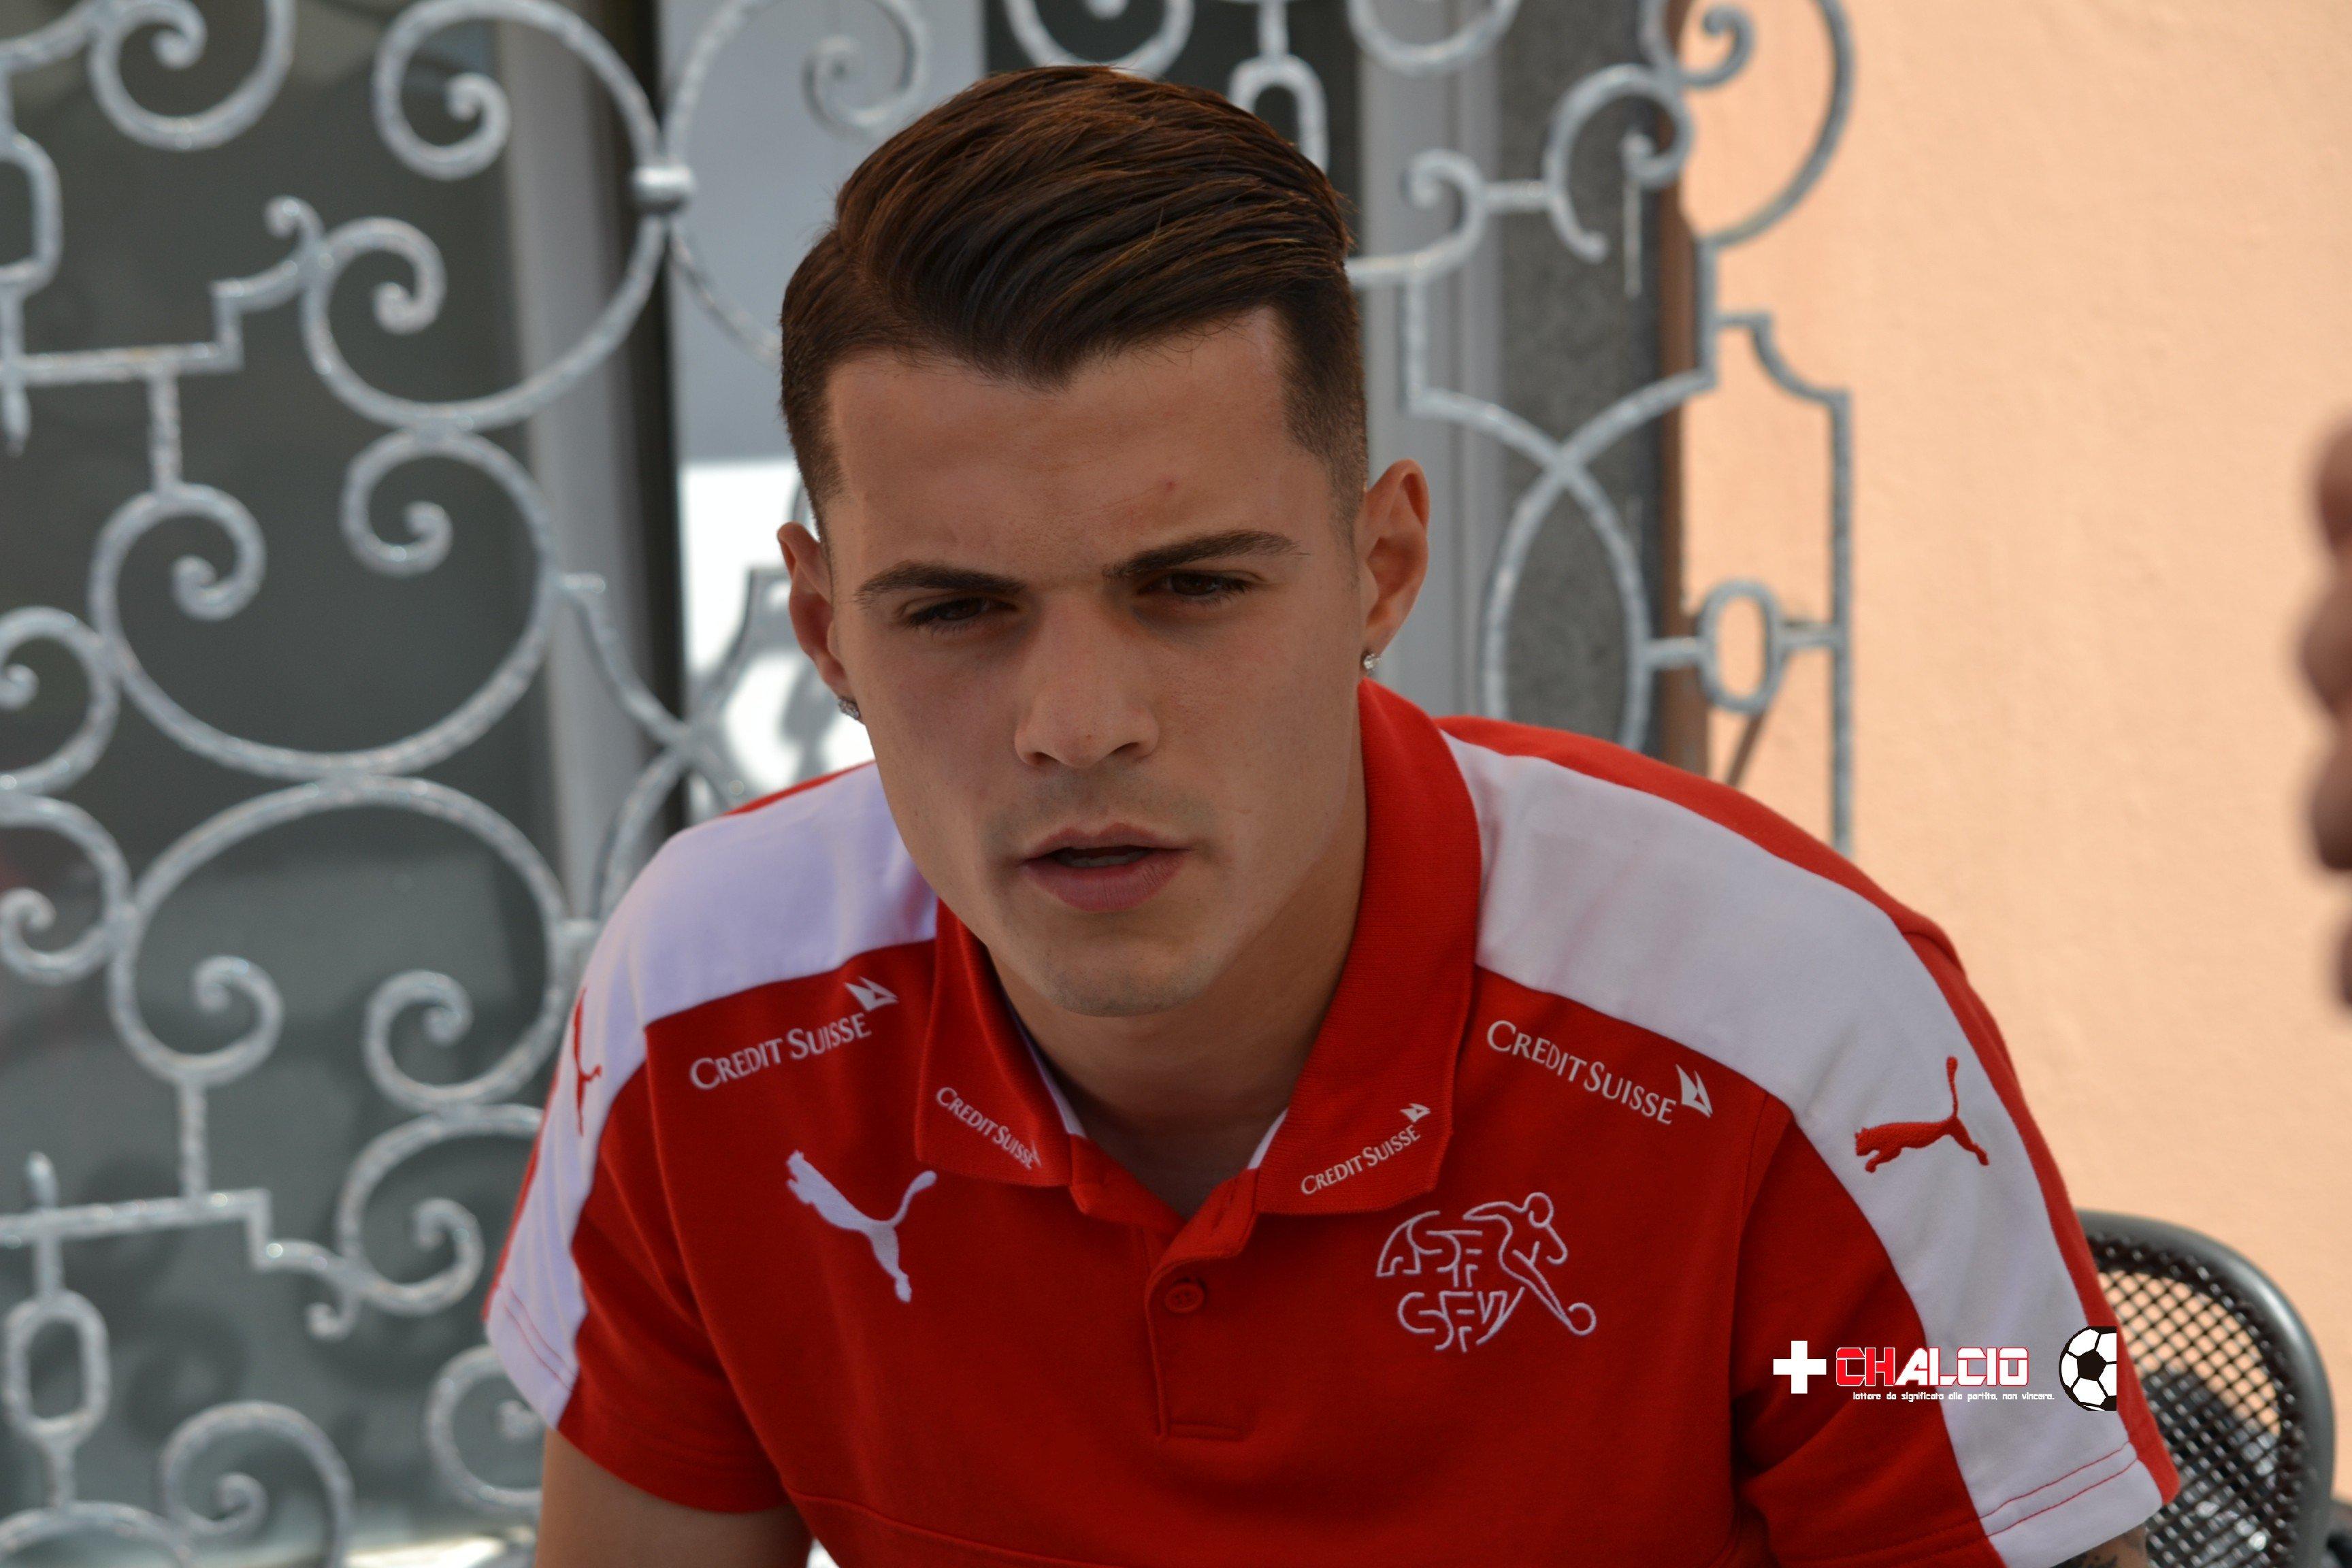 Nazionale: Il coraggio di mettere in panchina Xhaka e Seferovic!